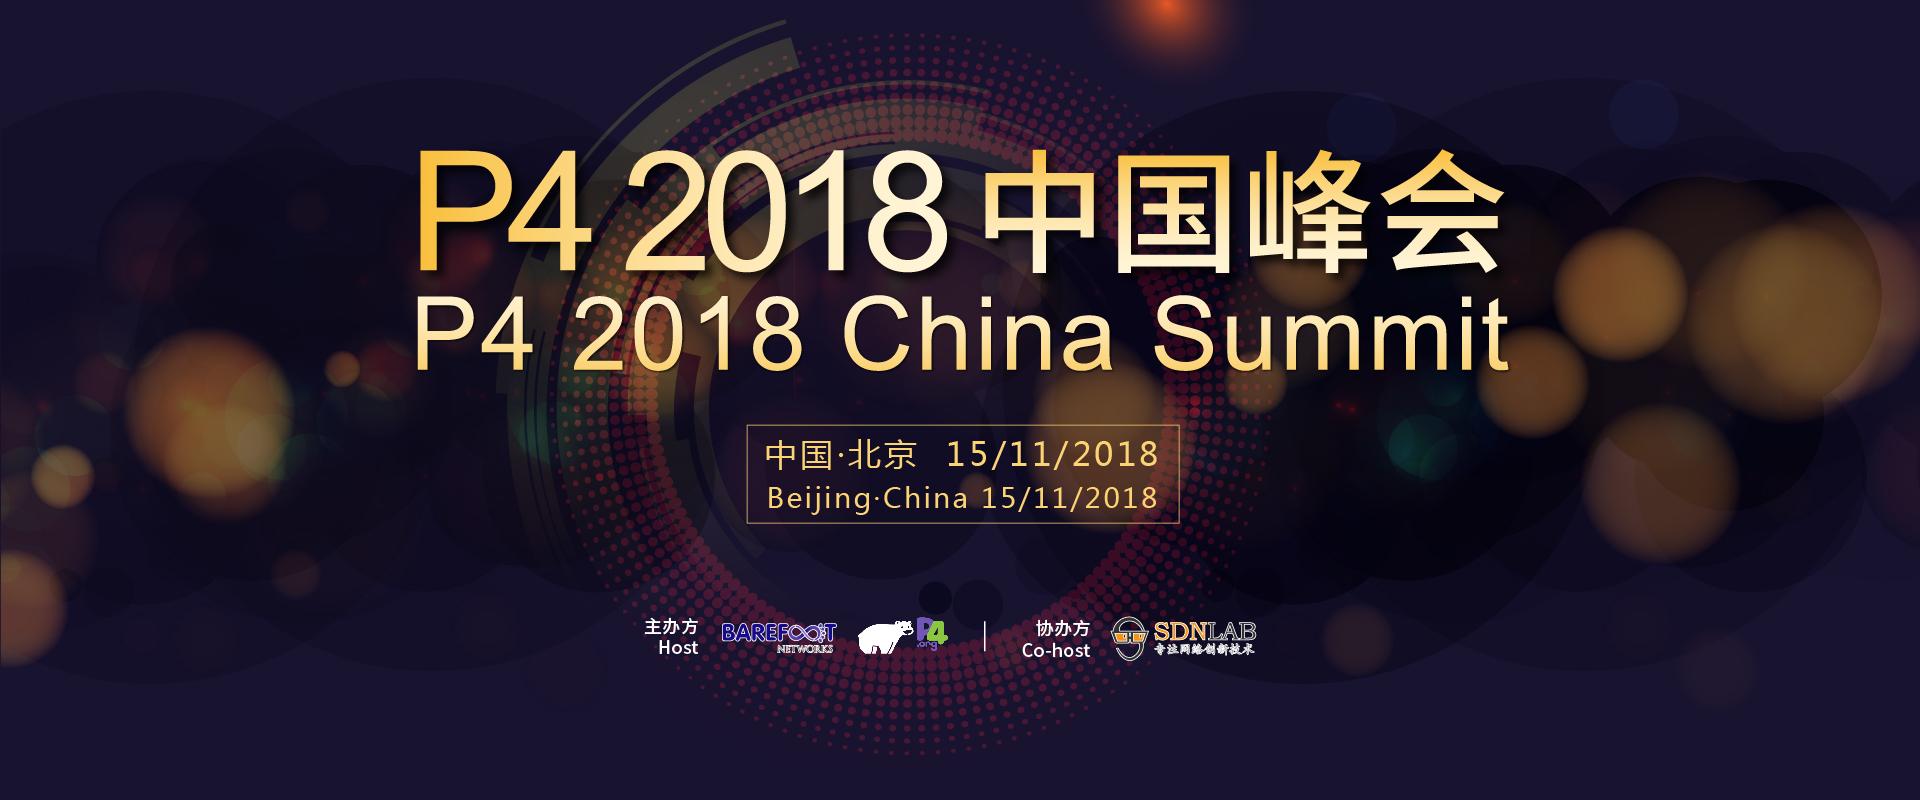 P4 2018 China Summit